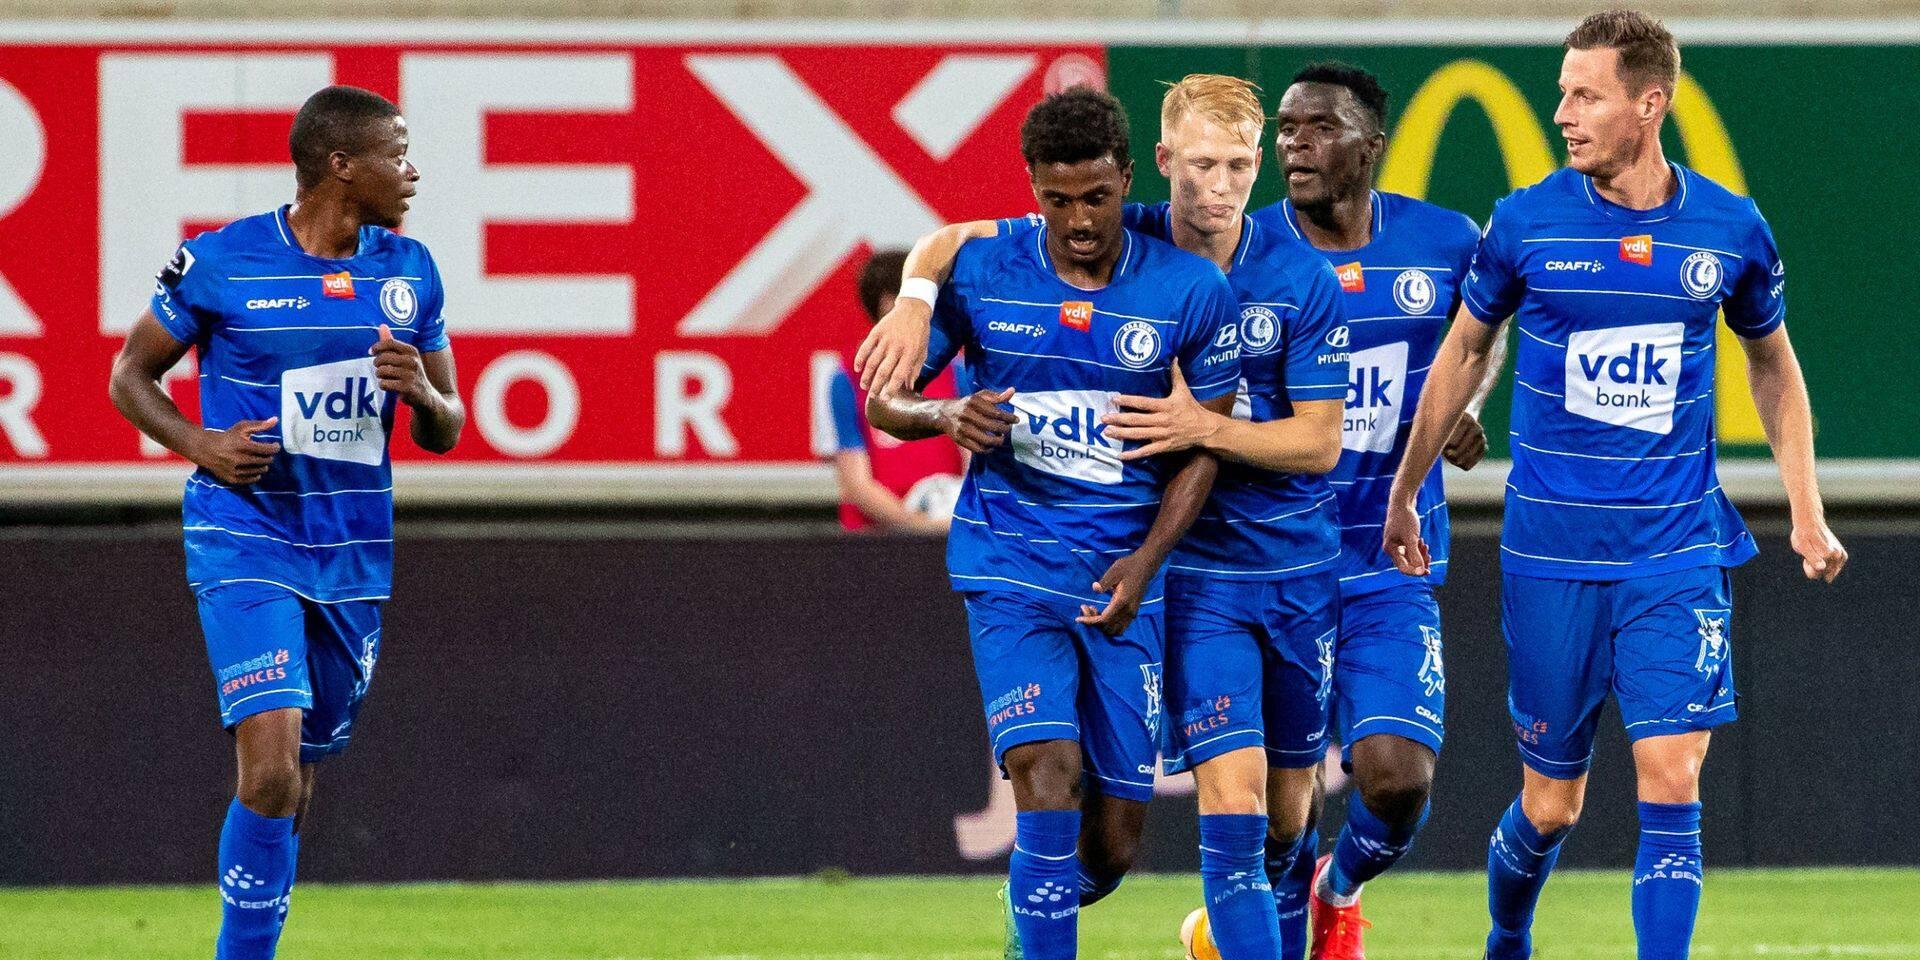 La Gantoise, victorieuse 4-0, réussit ses débuts européens en Conference League